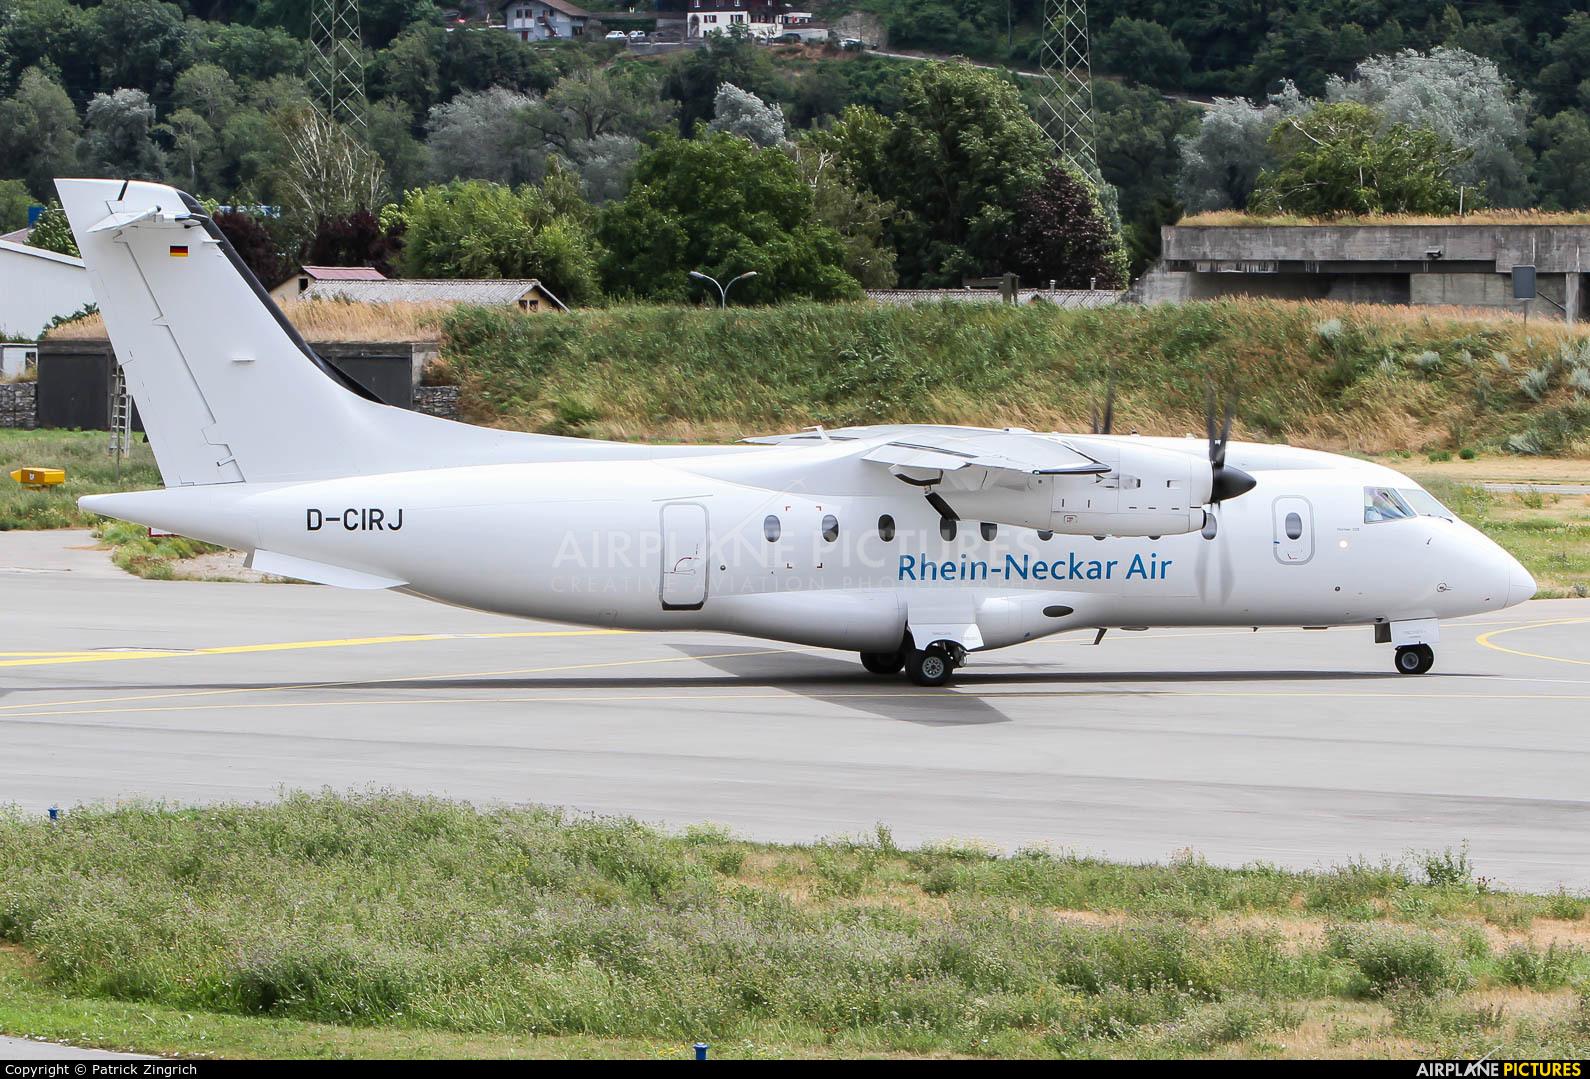 Rhein-Neckar Air D-CIRJ aircraft at Sion